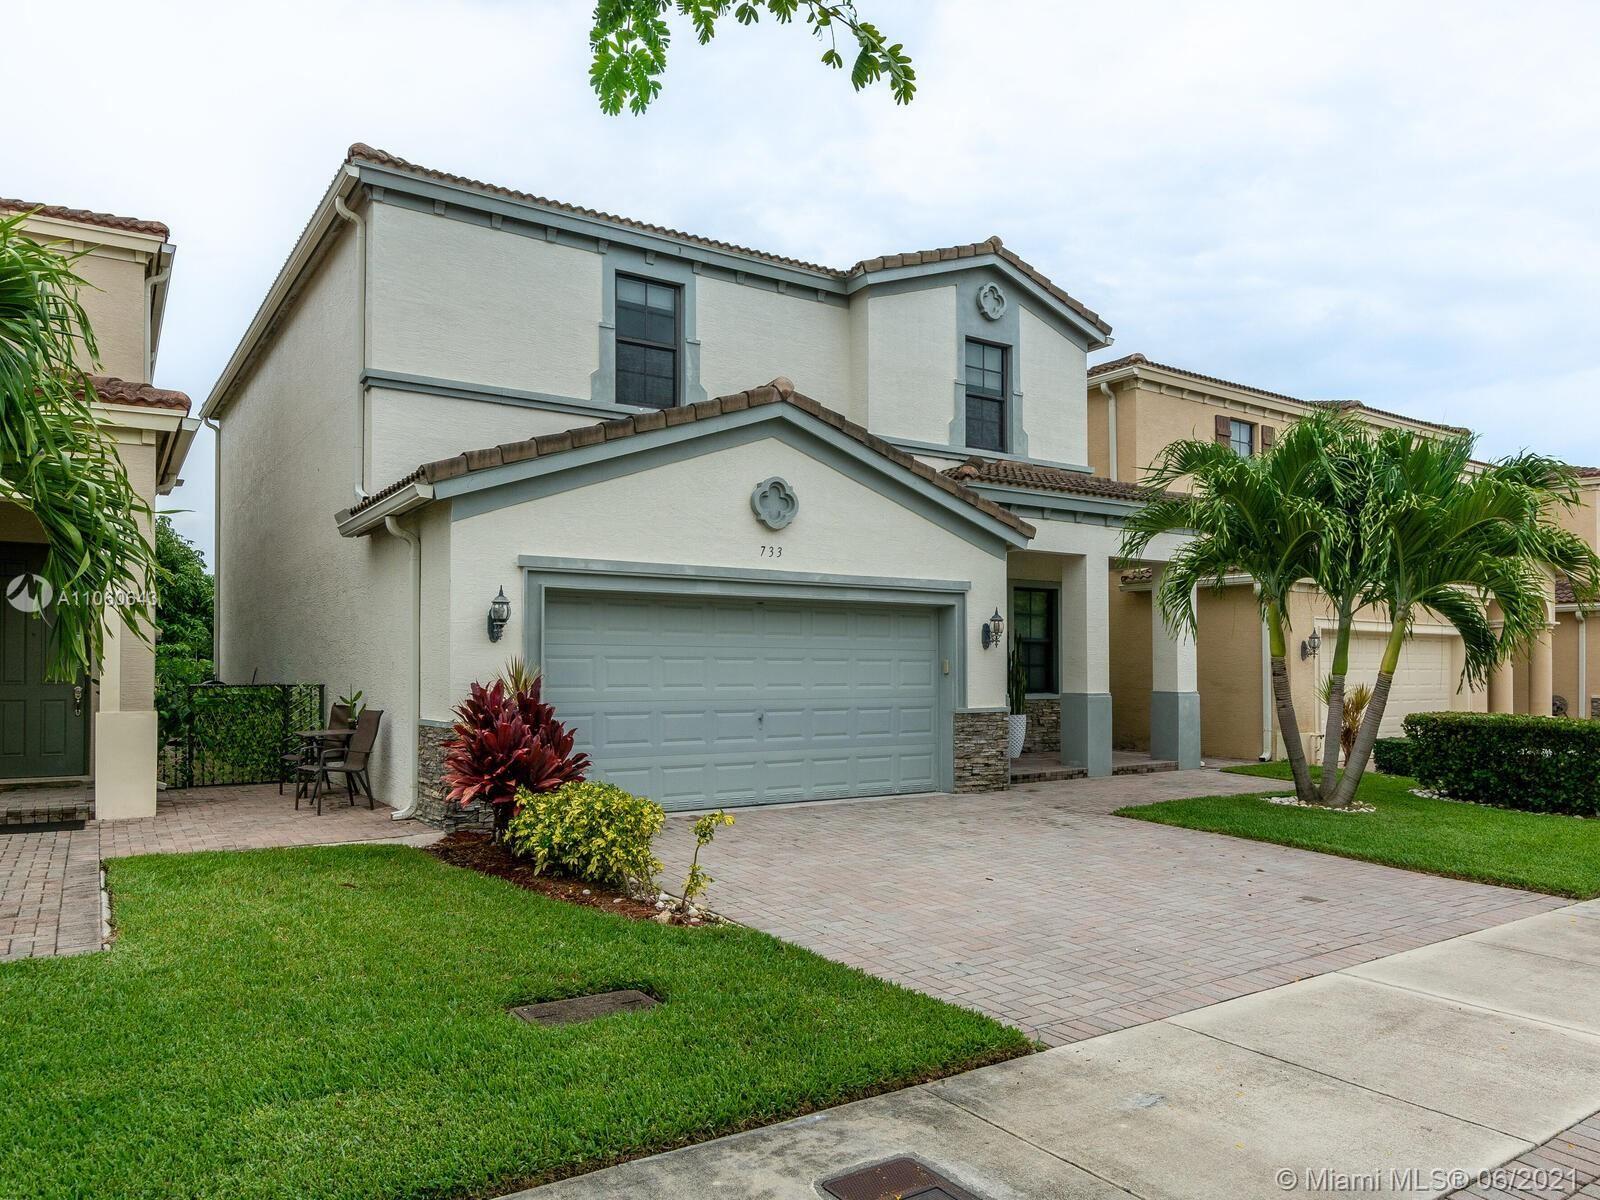 733 NE 193rd Ter, Miami, FL 33179 - #: A11060643